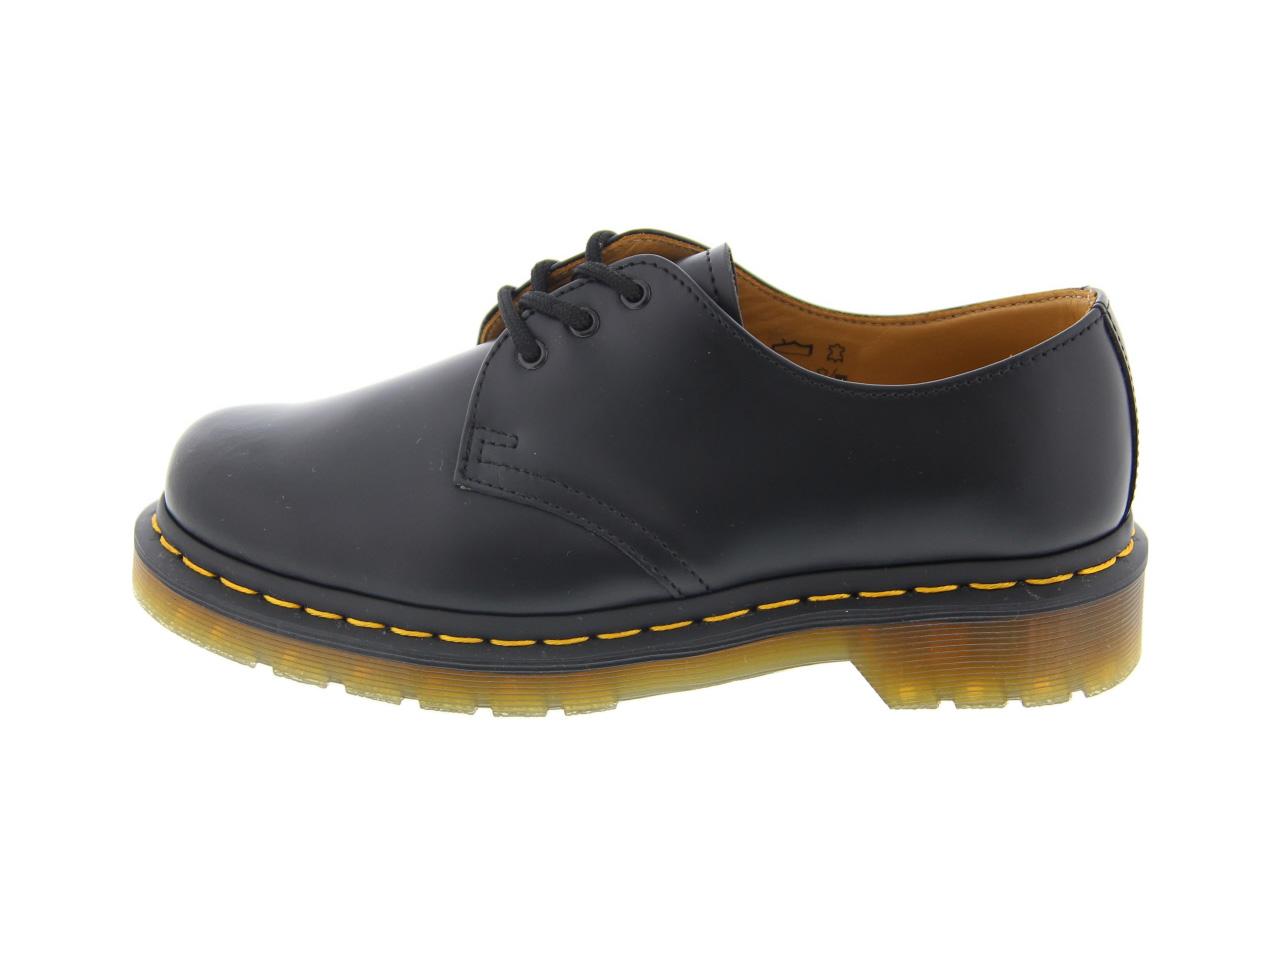 Dr.Martens CORE 1461(10085001)【ドクターマーチン コア1461】【メンズファッション】【シューズ】【靴】【ブーツ】【フットウェア】【3ホール】